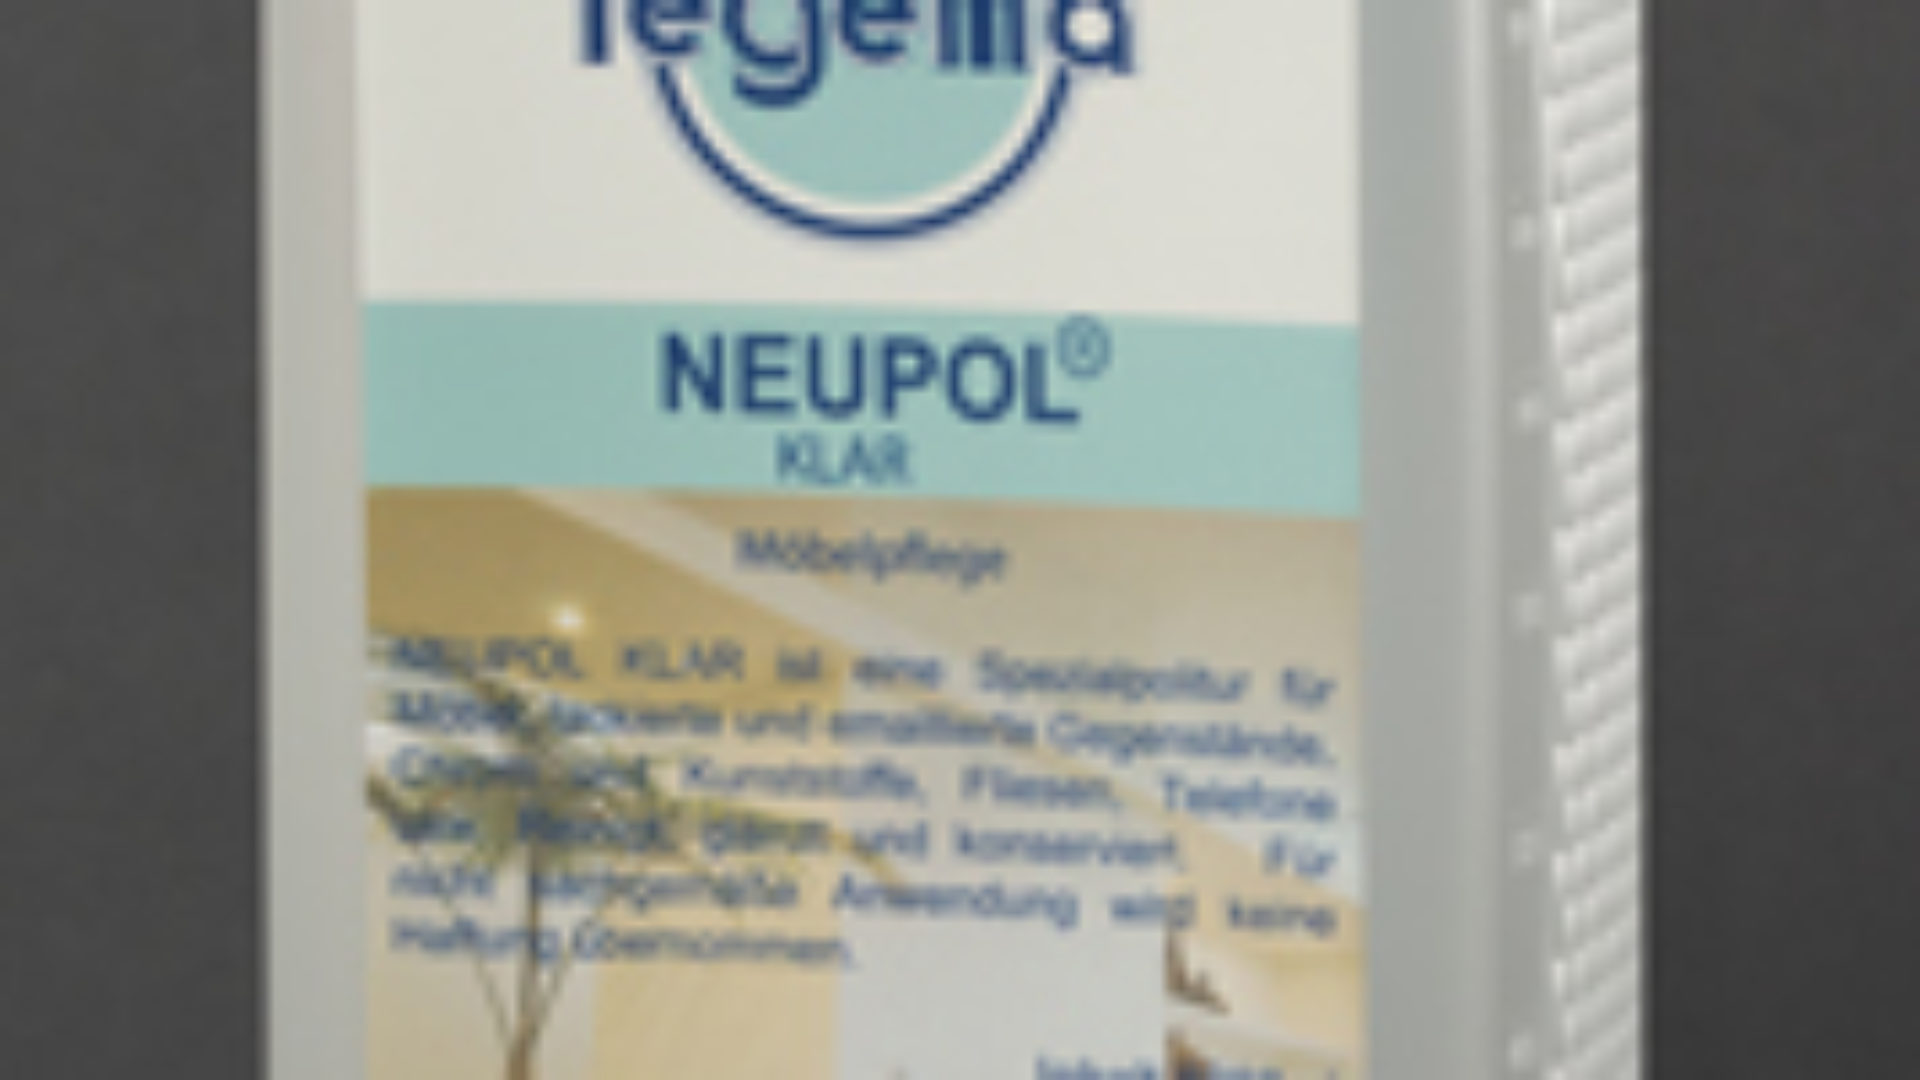 Neupol-klar Tischlerei gassner Nationalpark Gesäuse Zimmer Gassner Prvatzimmer Gassner Ferienwohnungen